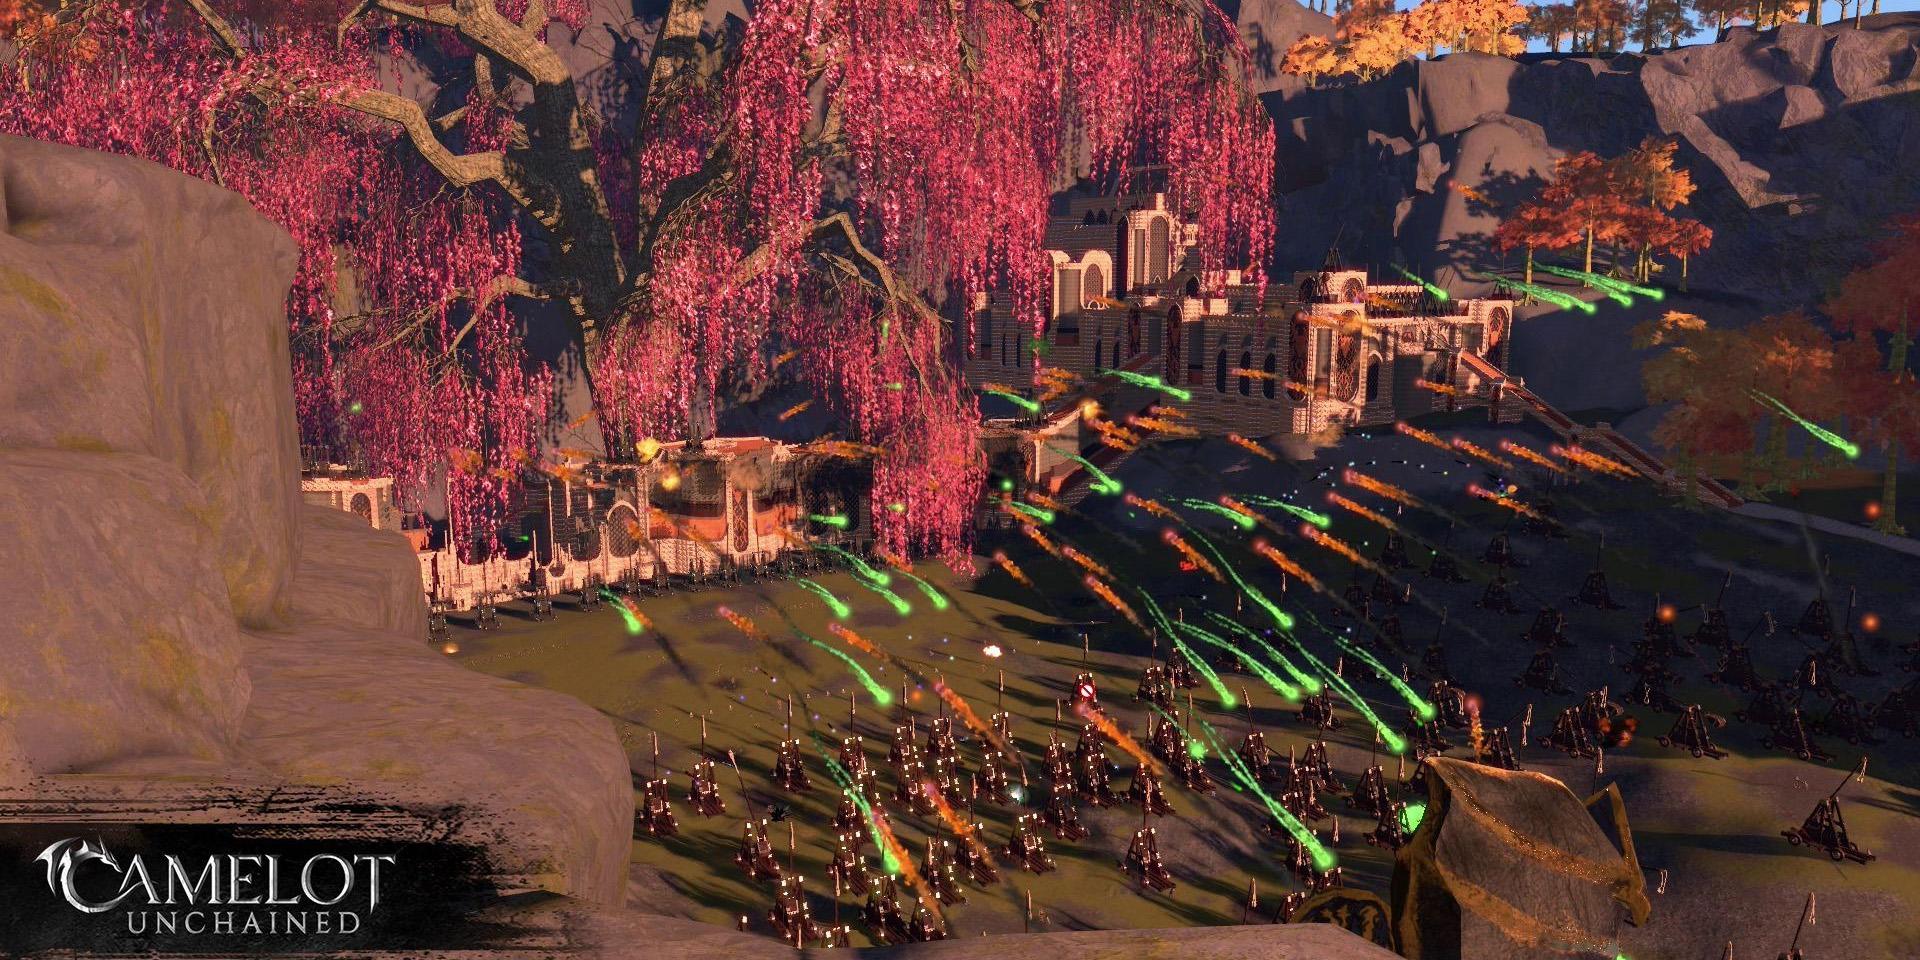 Camelot Unchained: Система разрушений для всех и планы на ближайшие три месяца